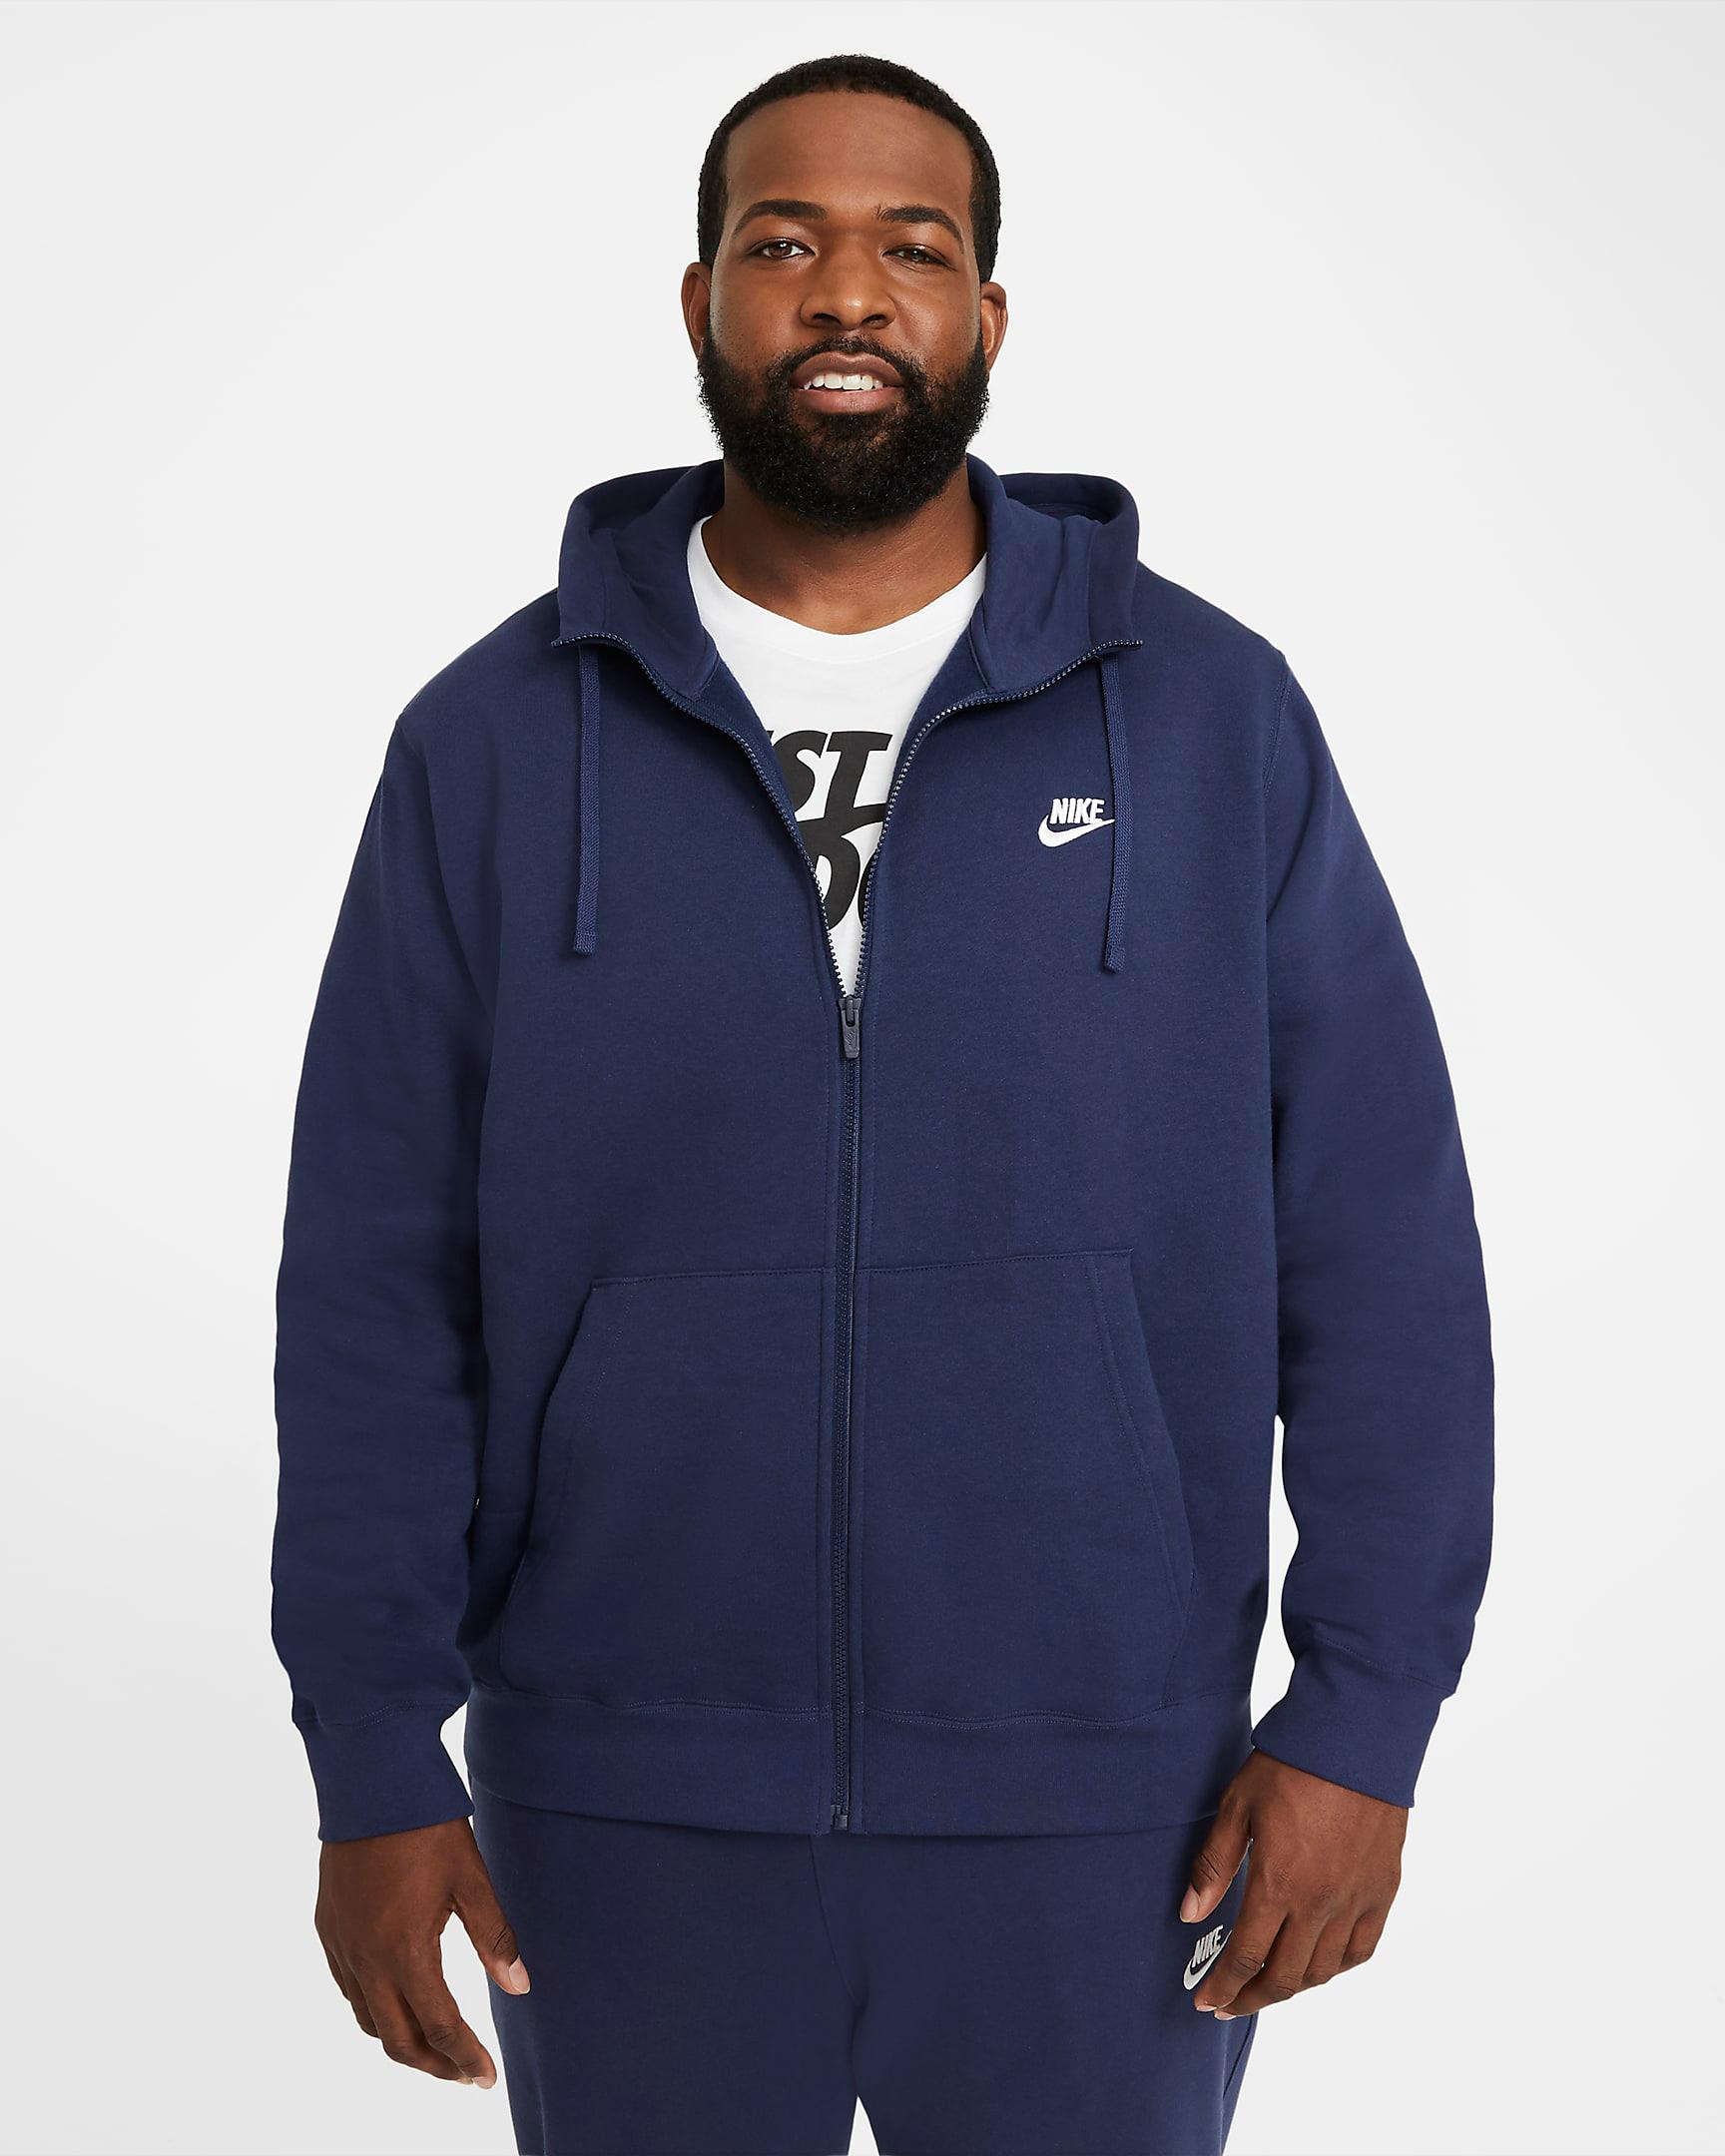 jordan-3-midnight-navy-nike-club-zip-hoodie